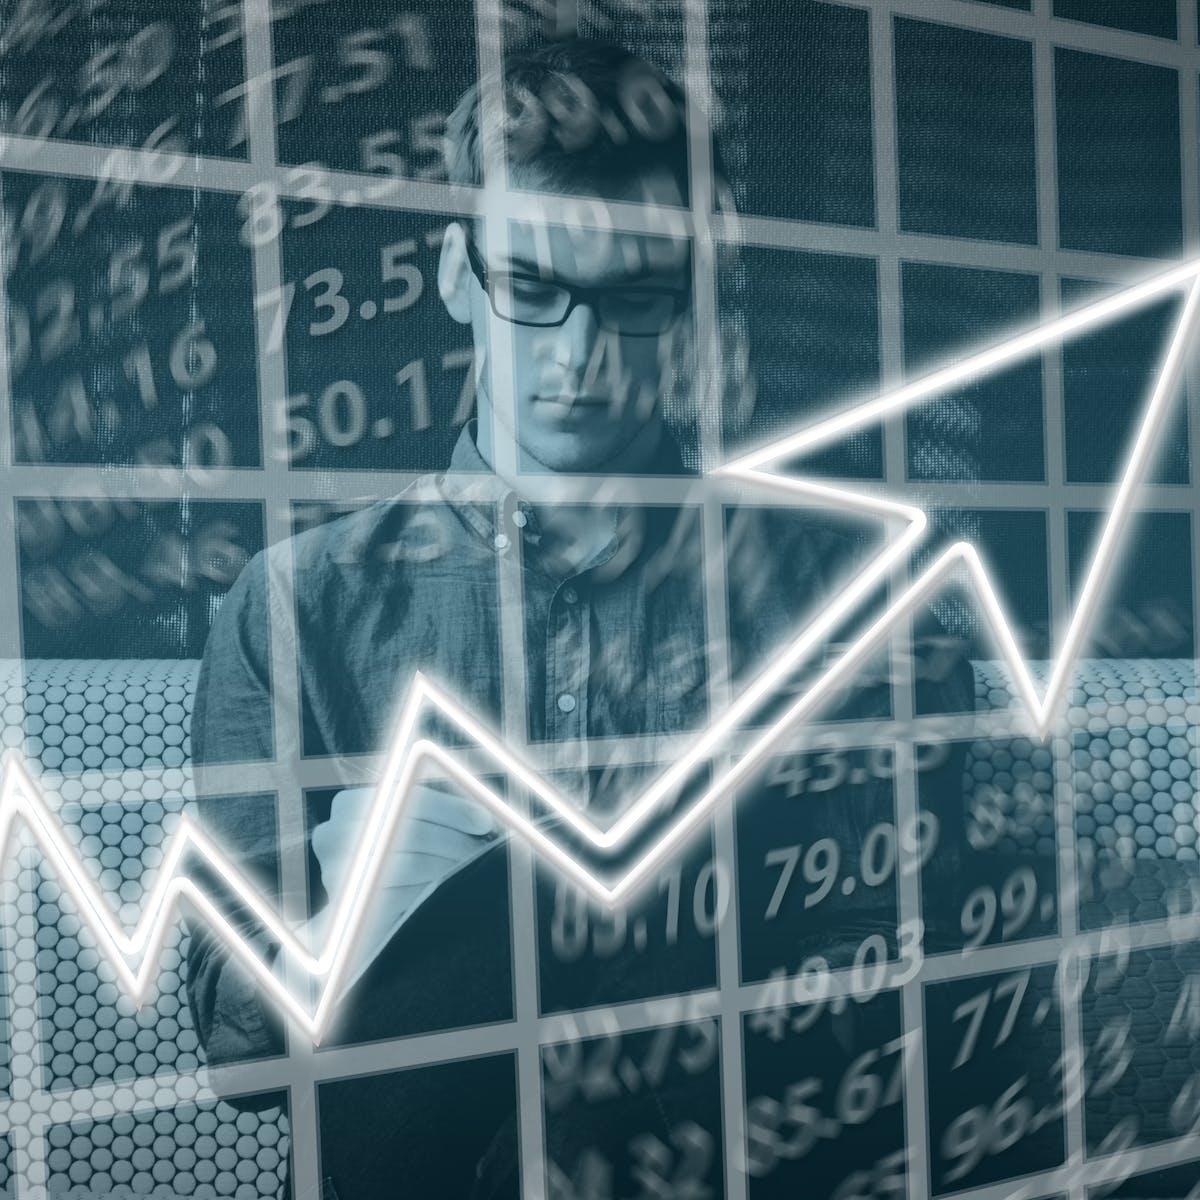 Titelbild-Top-10-Technologie-Trends-Gartner-Trend-Börse-Kurs-pixabay-1340649-geralt